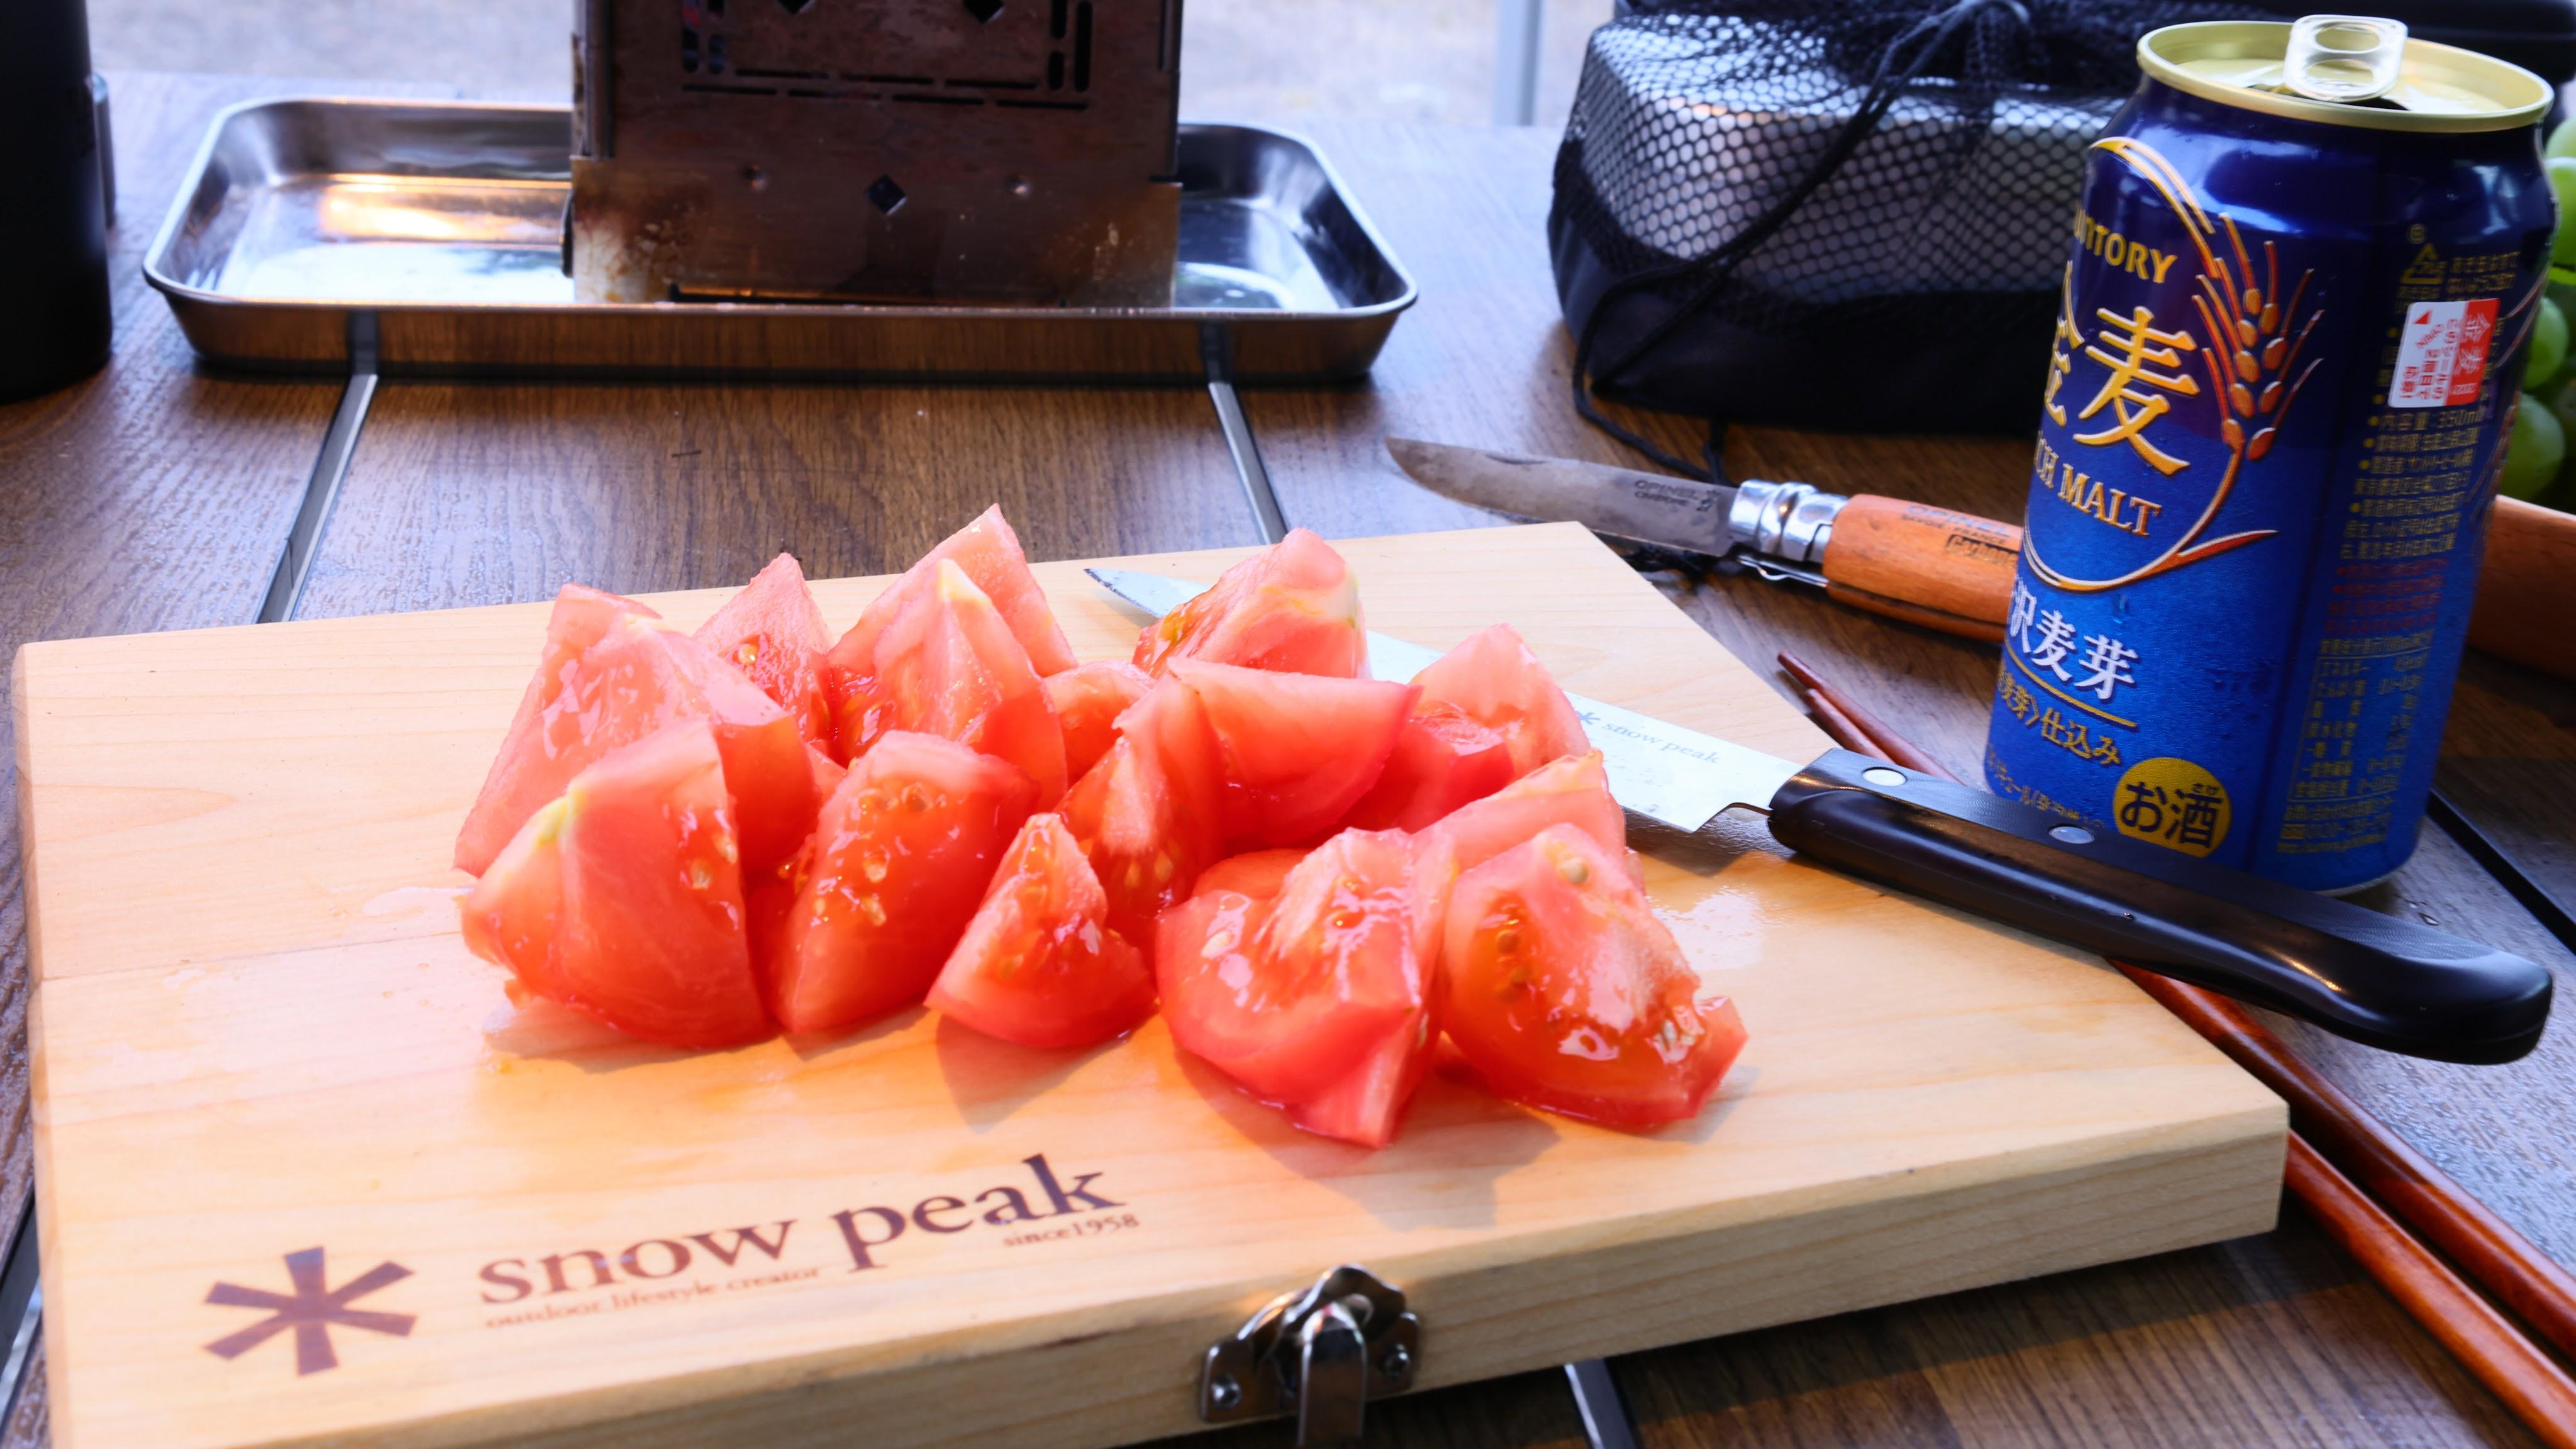 ぶつ切りトマト